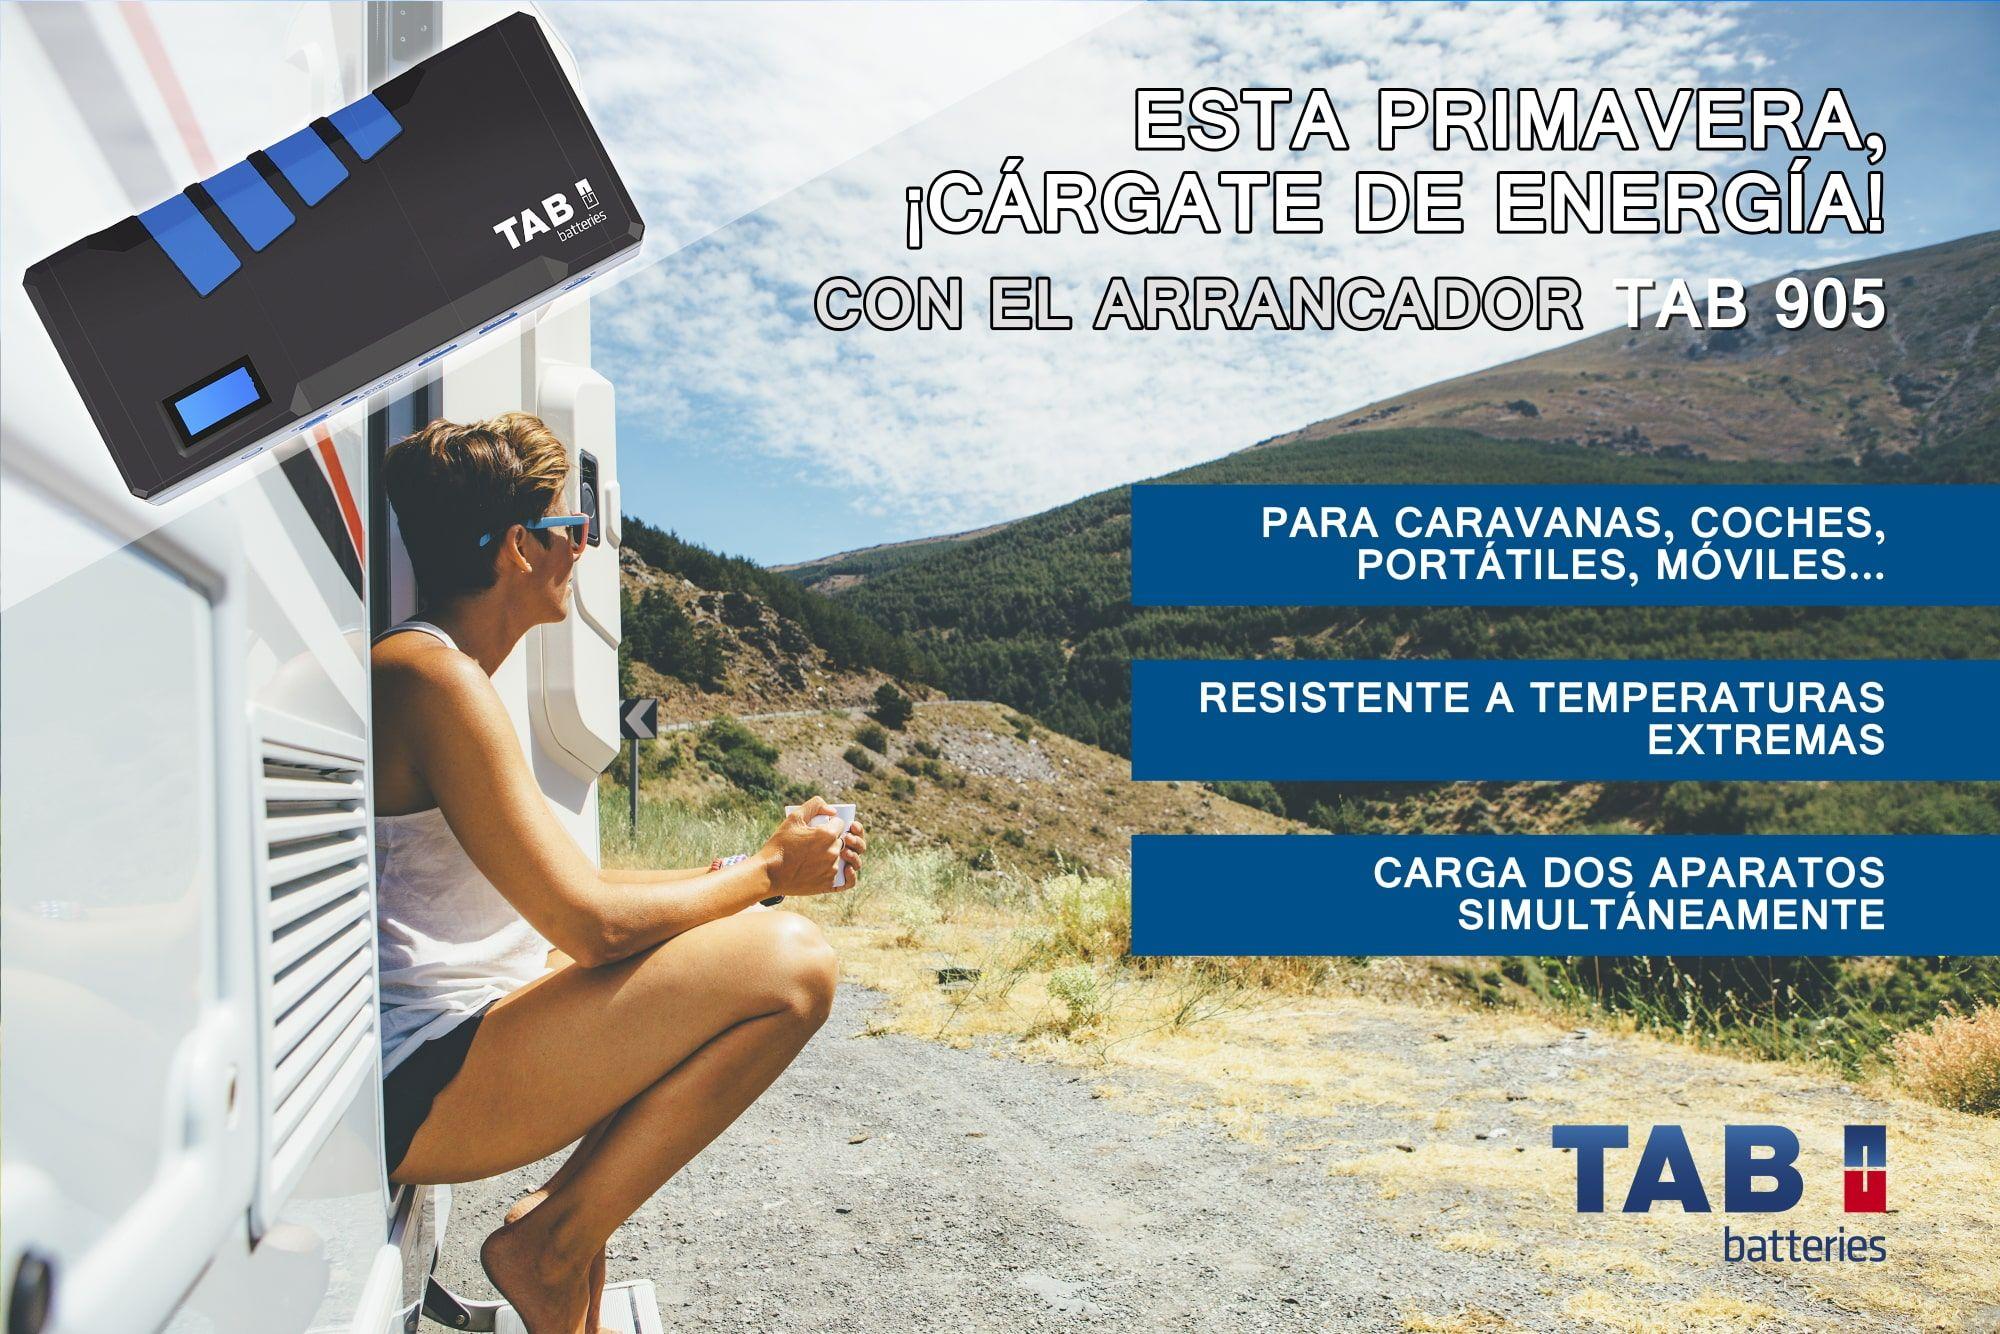 Campaña informativa TAB 905